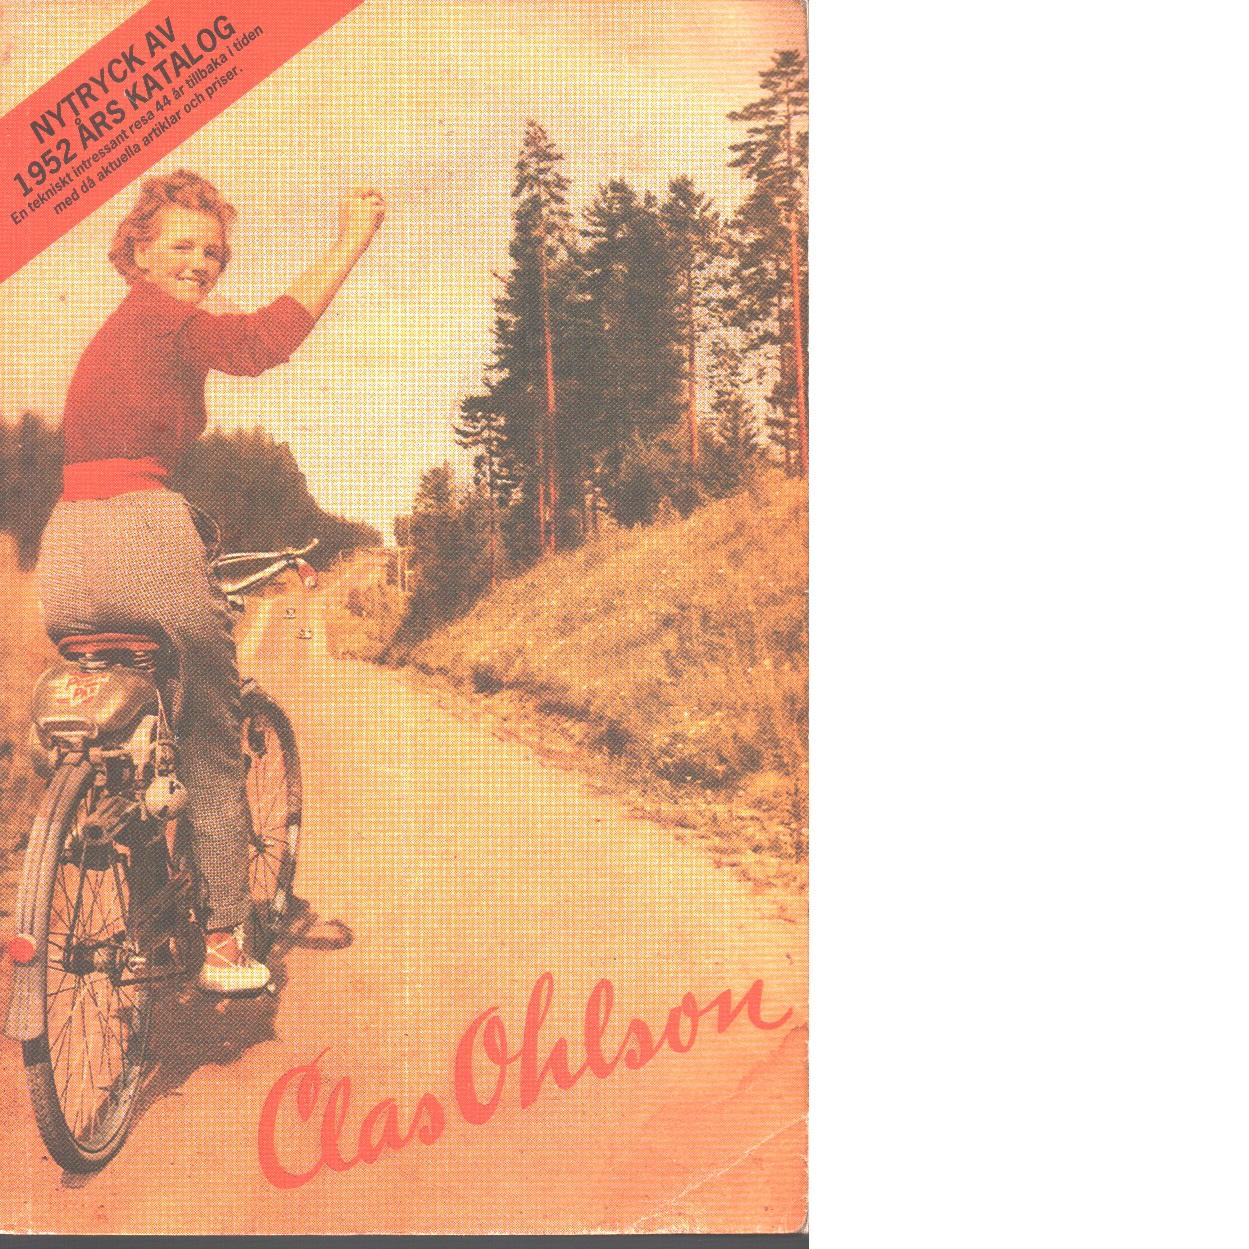 Clas Ohlson: 1952 års katalog - Clas Ohlsson & Co